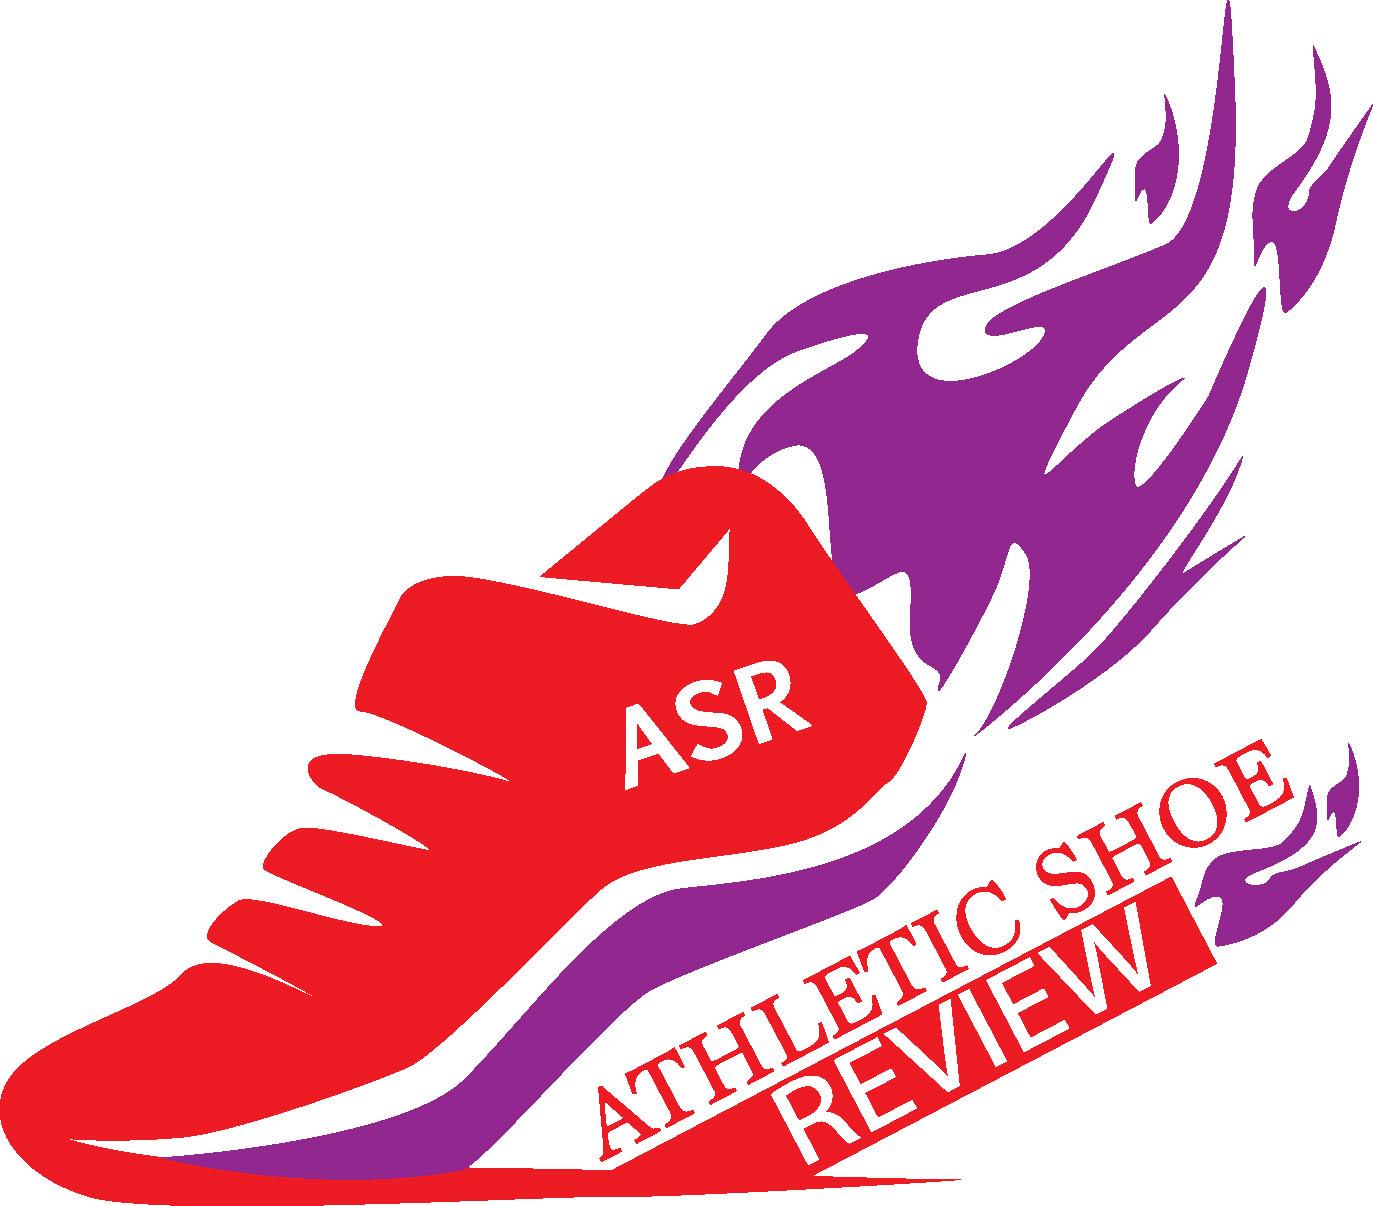 Athletic Footwear Brands Logos